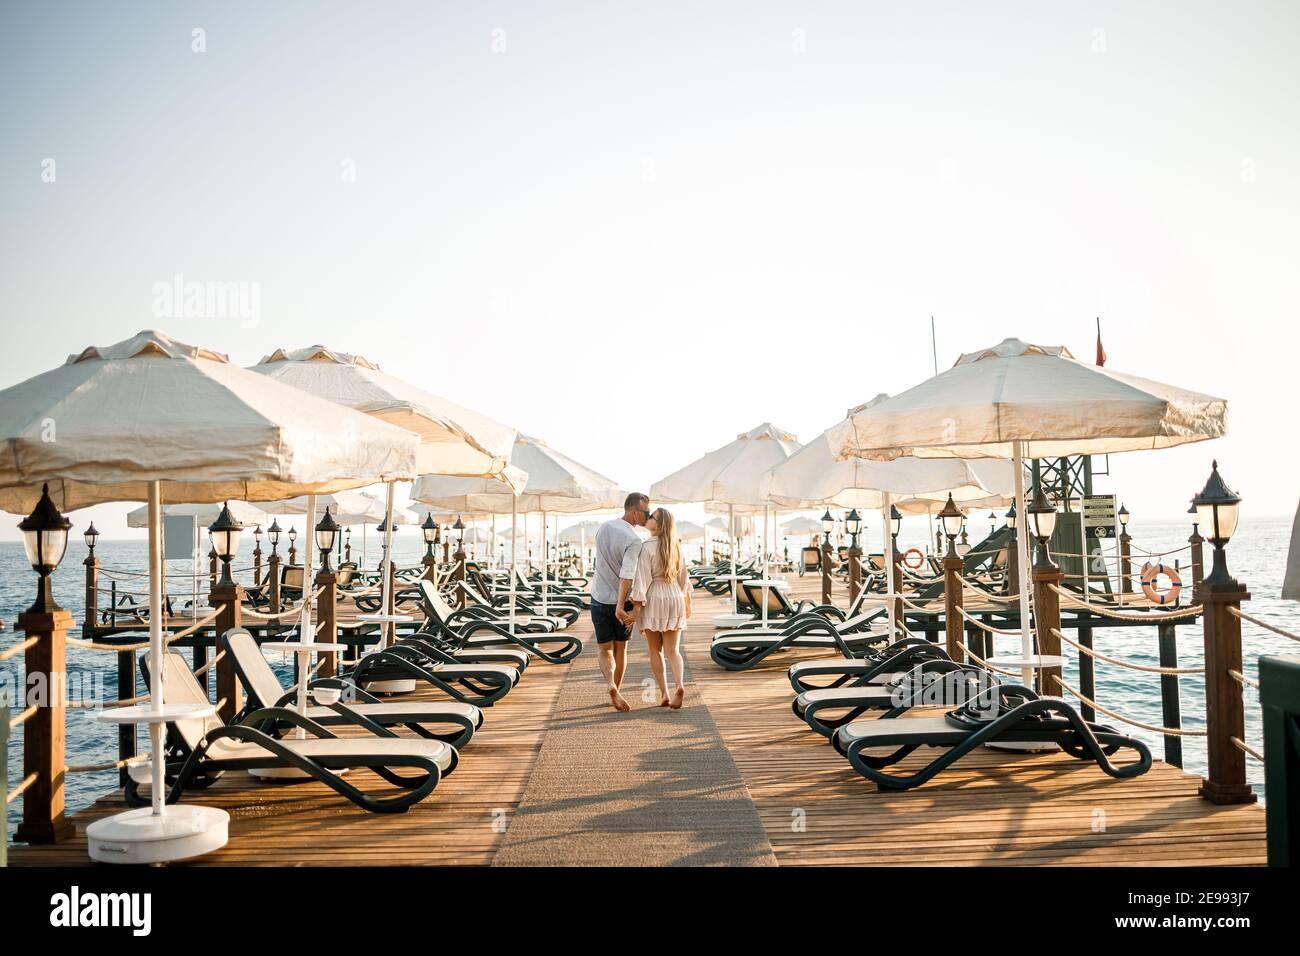 Una pareja amorosa está descansando en el mar en Turquía. Hombre y mujer en el muelle. Paseo marítimo. Luna de miel. Una pareja en un viaje de luna de miel. Un hermoso viaje en pareja Foto de stock